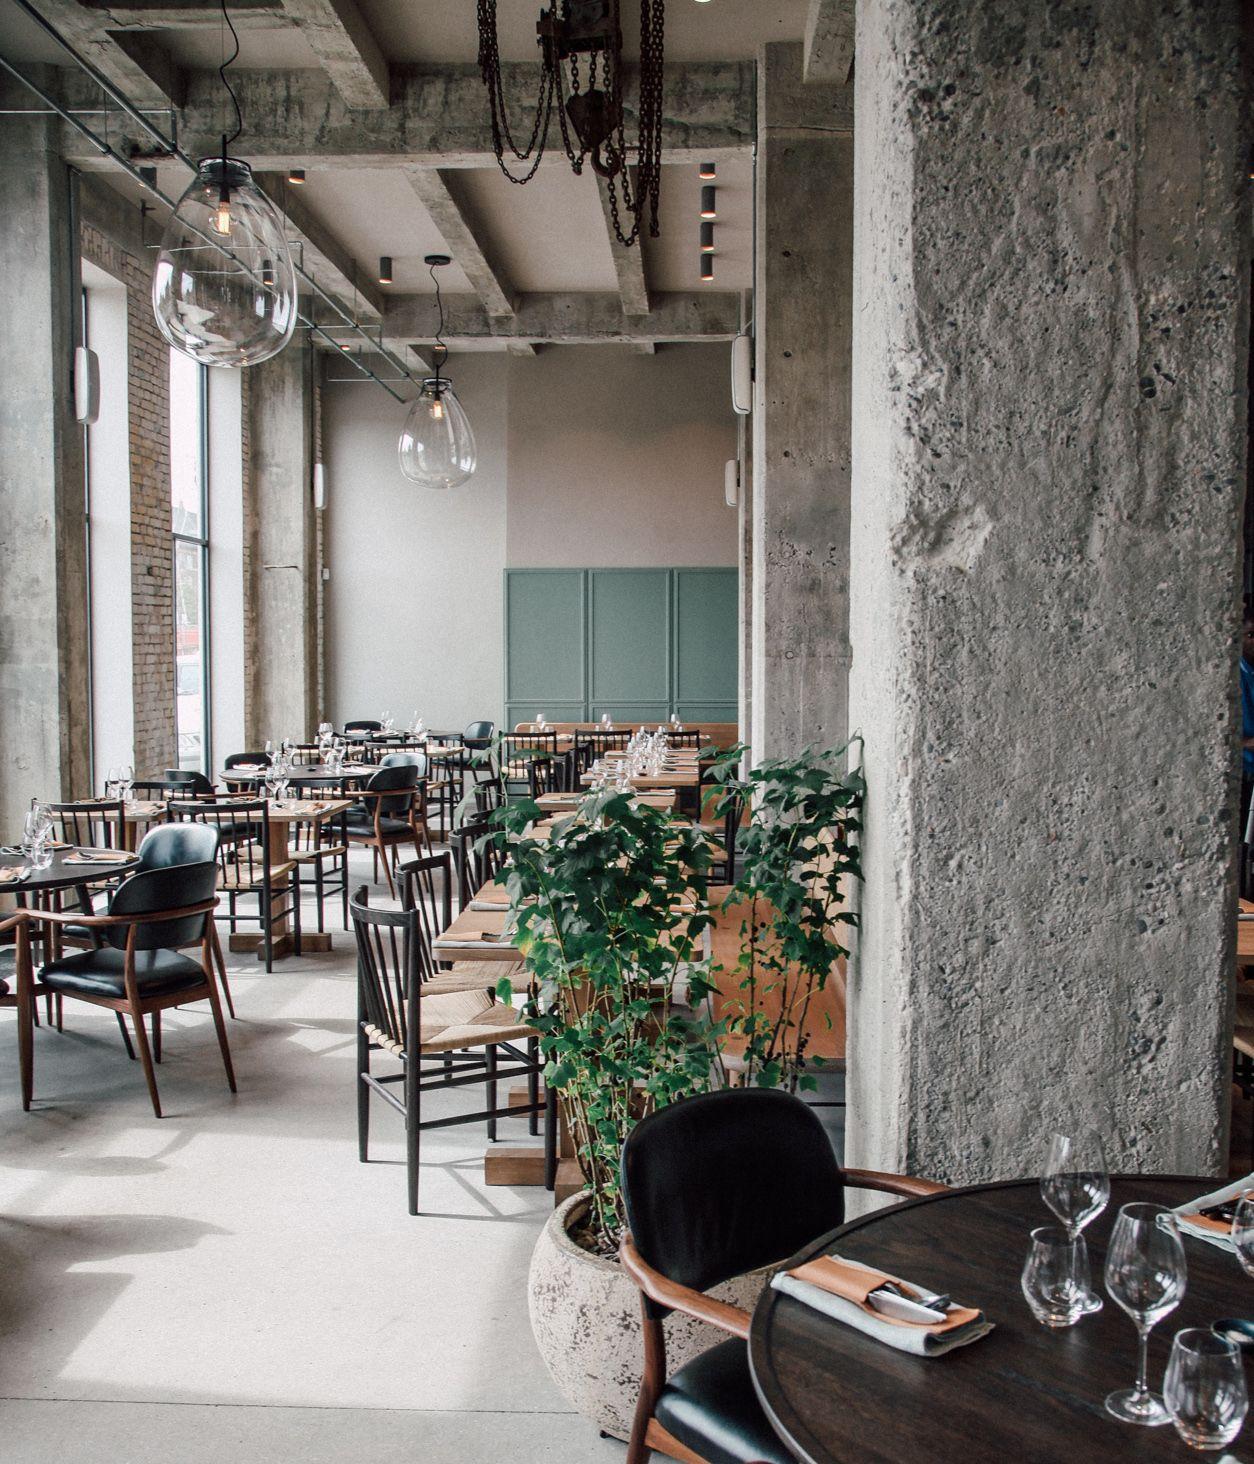 hilton restaurant københavn